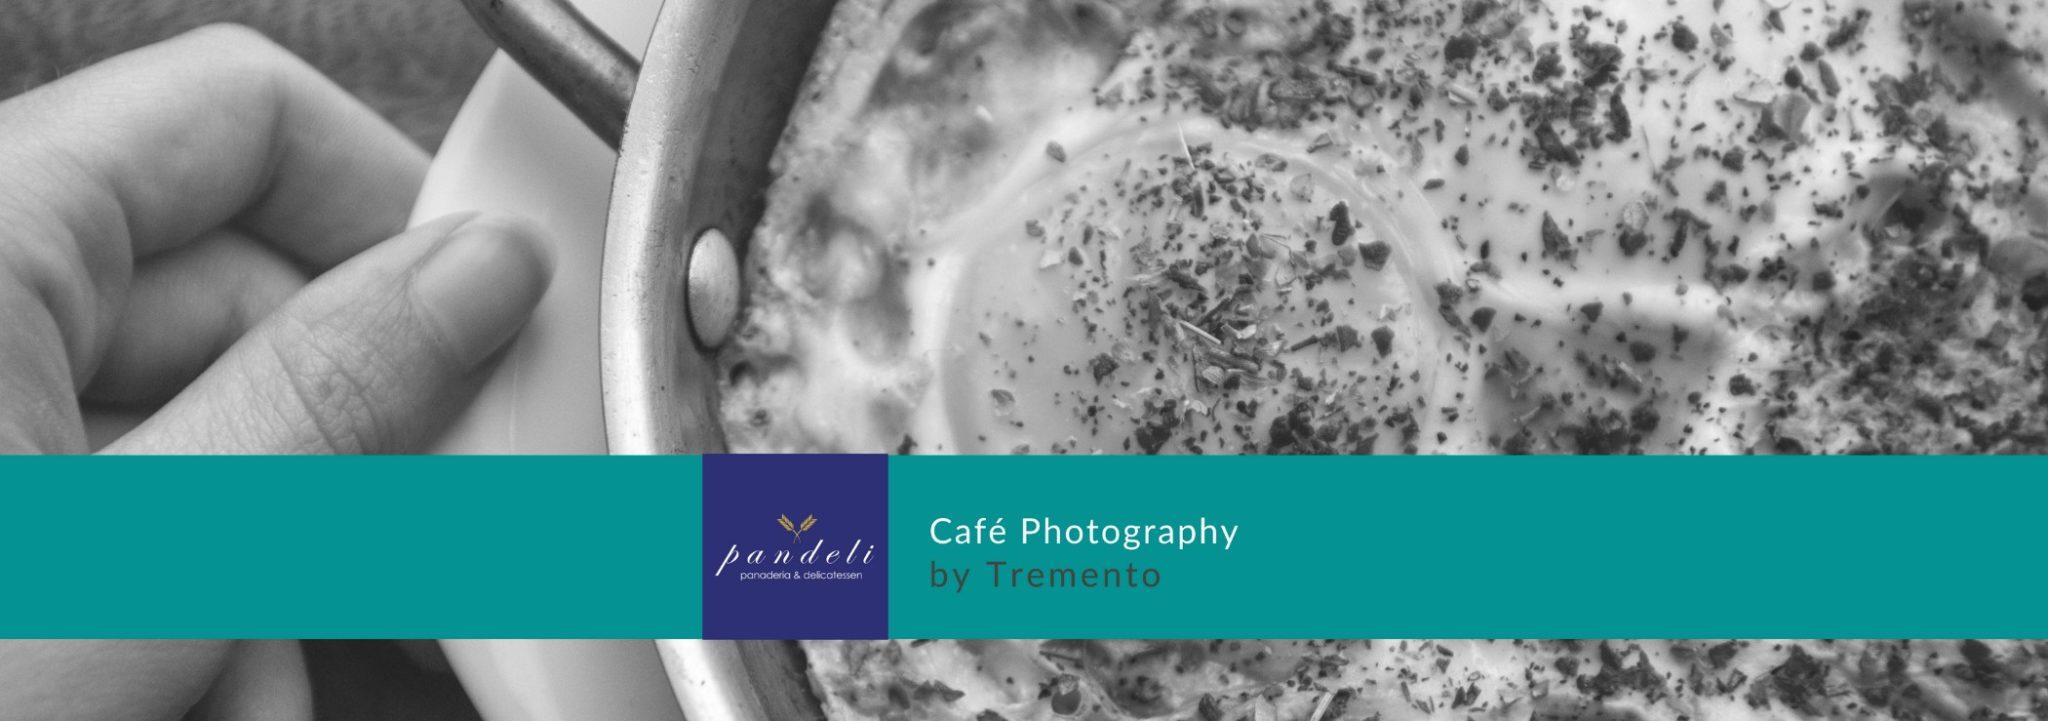 Café Restaurant Photography - Pandeli - San José - Tremento